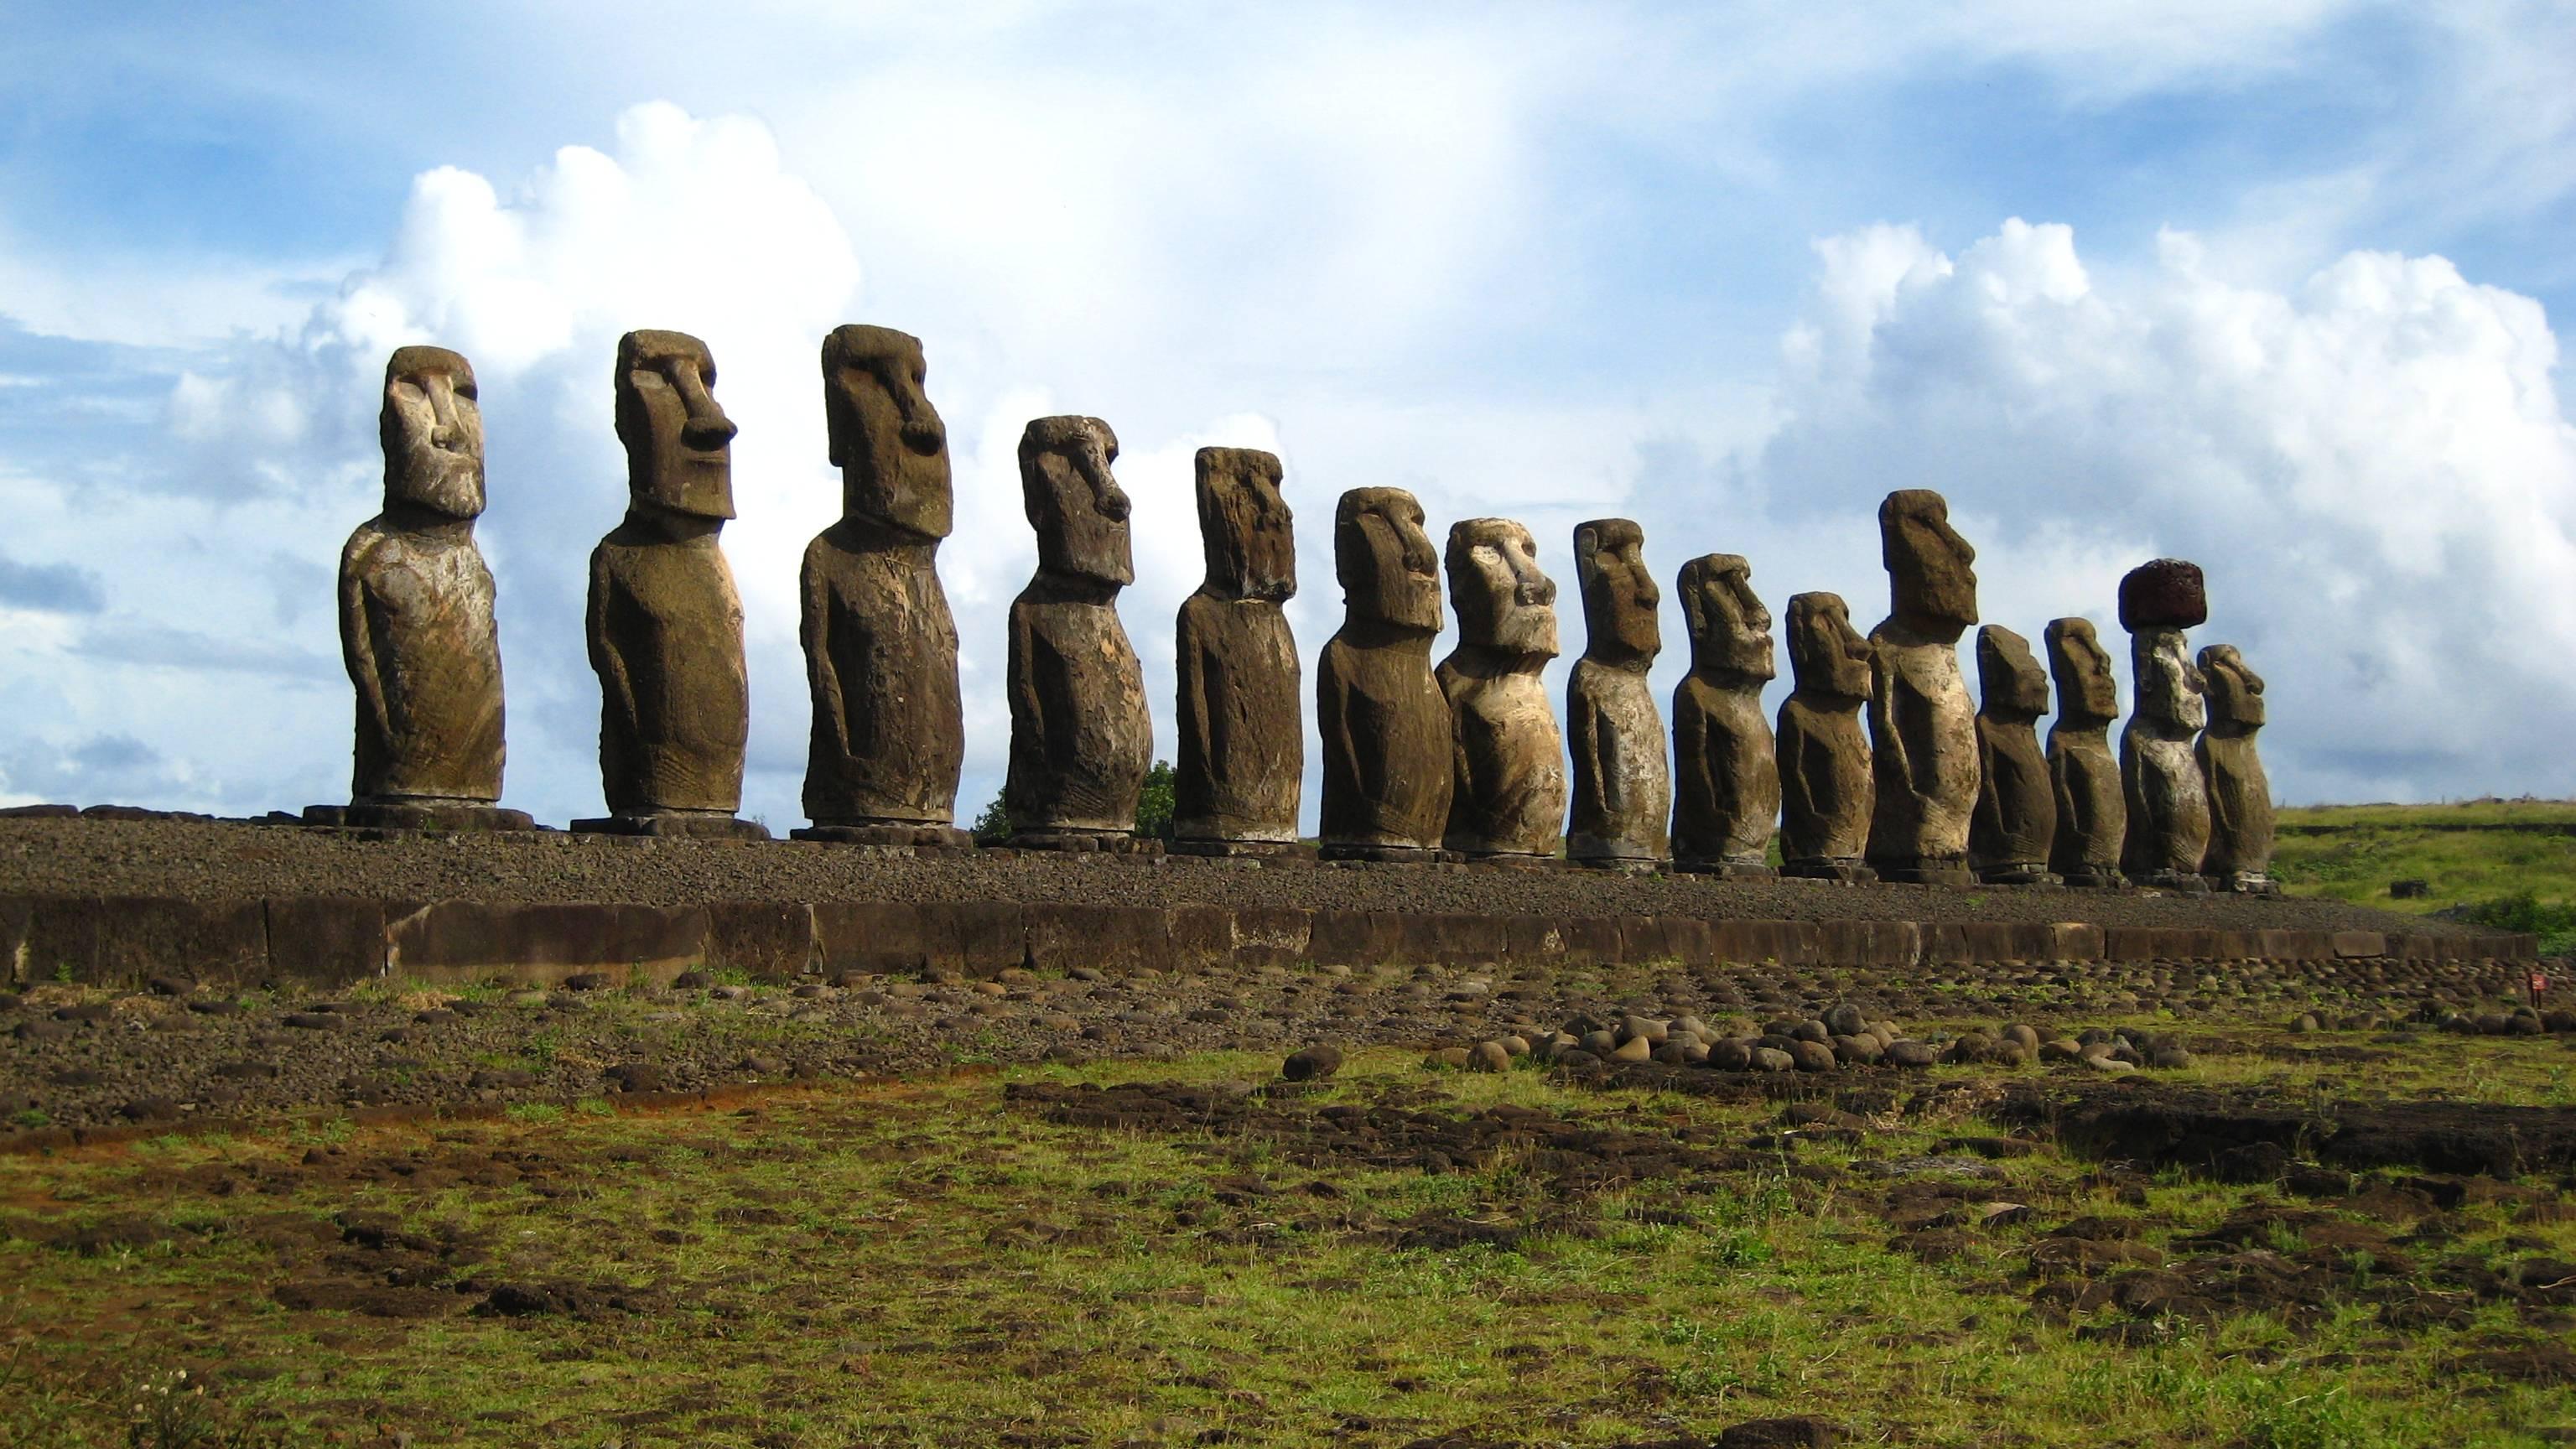 Из Колумбии в Полинезию 800 лет назад: генетики подтвердили гипотезу Тура Хейердала